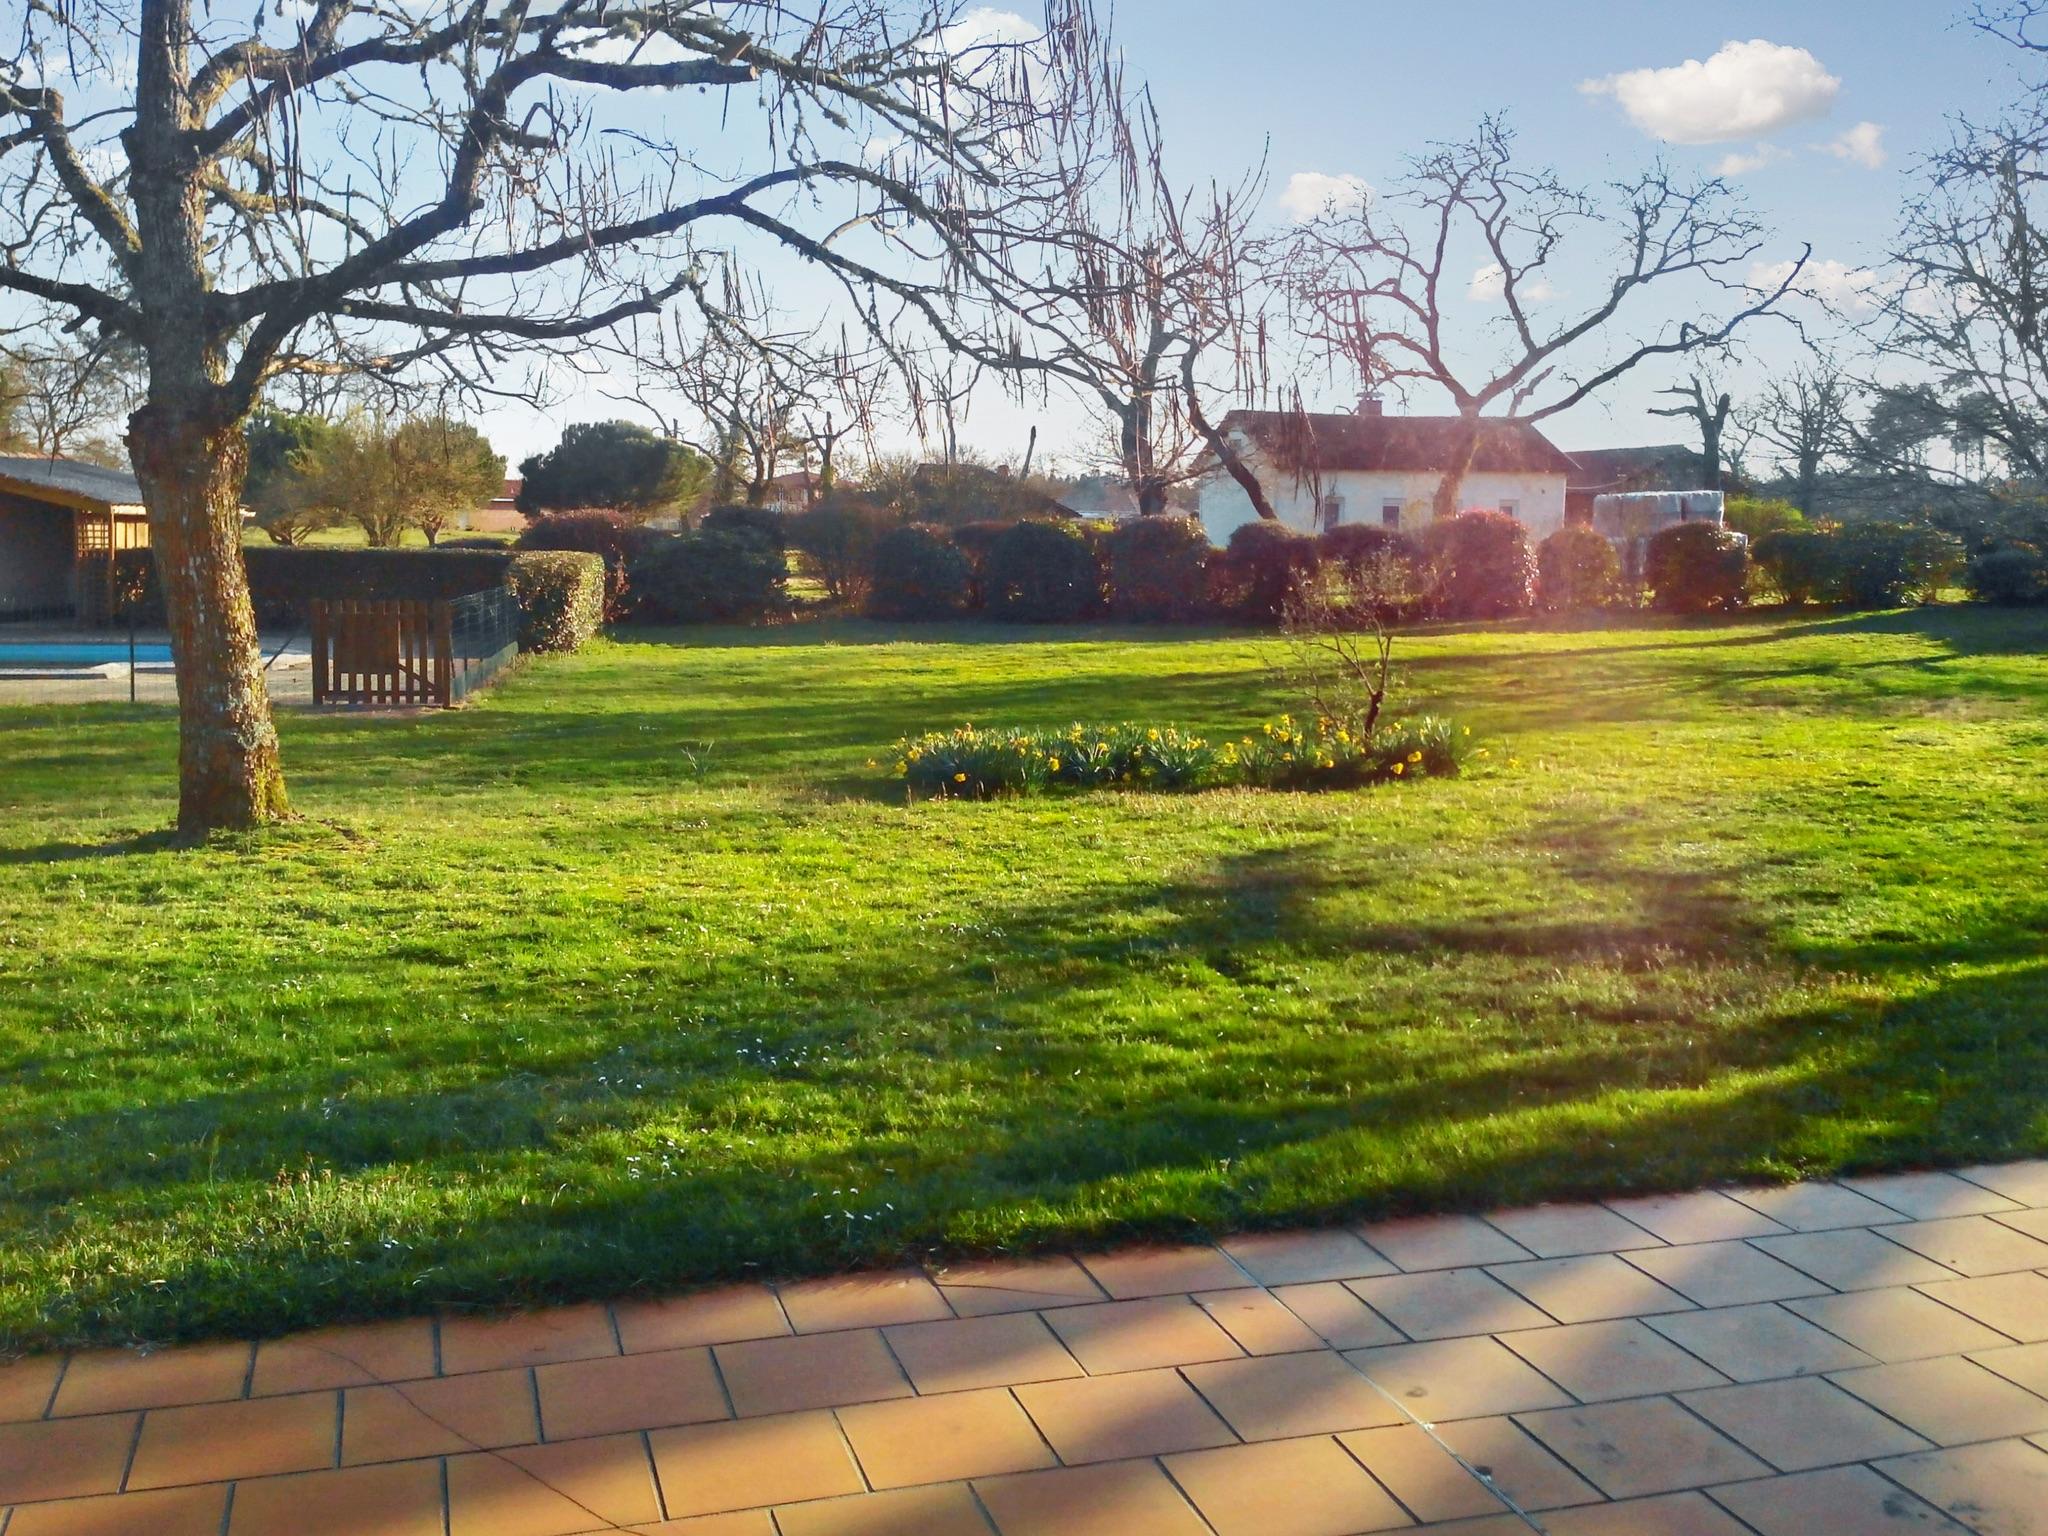 Ferienhaus Villa mit 4 Zimmern in Trensacq mit privatem Pool und möbliertem Garten - 45 km vom Strand (2202366), Trensacq, Landes, Aquitanien, Frankreich, Bild 28